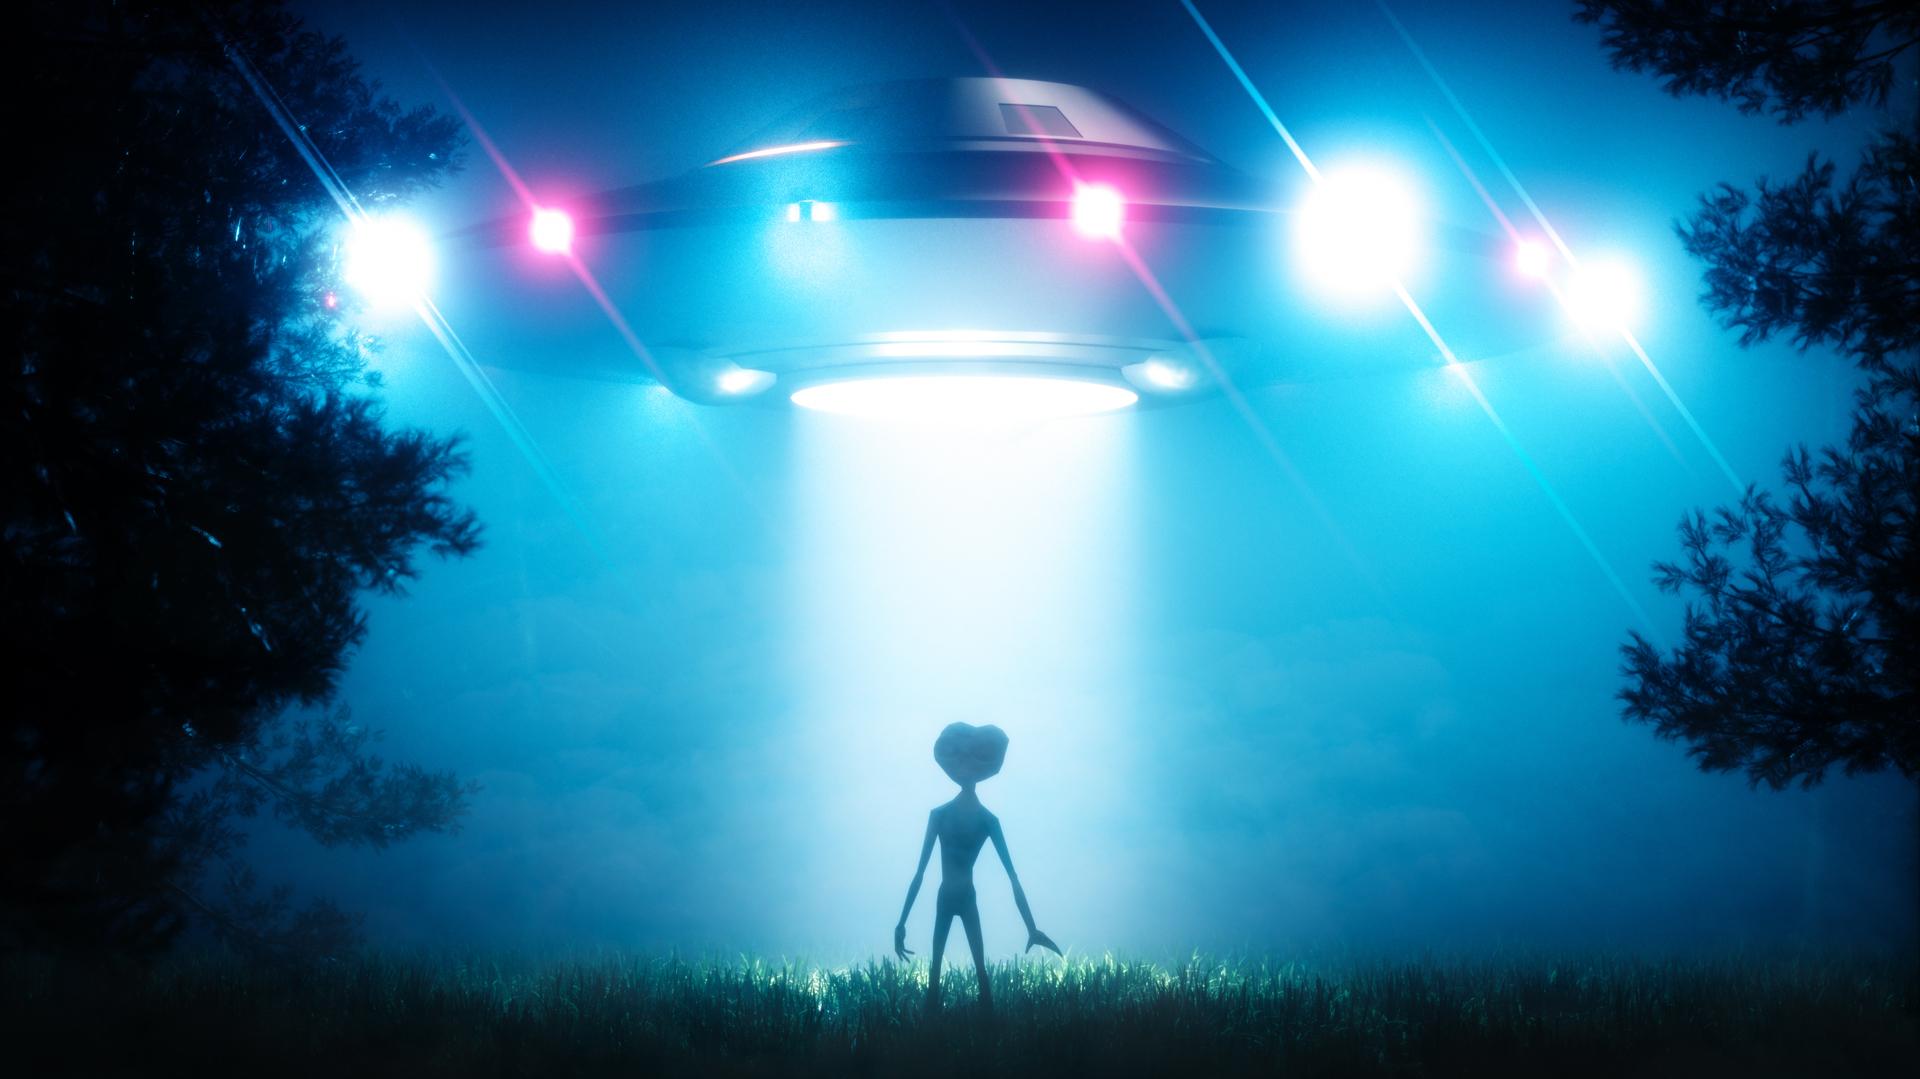 Hace 70 años un granjero halló en Roswell los supuestos restos de un OVNI. Y desató la fiebre extraterrestre (iStock)